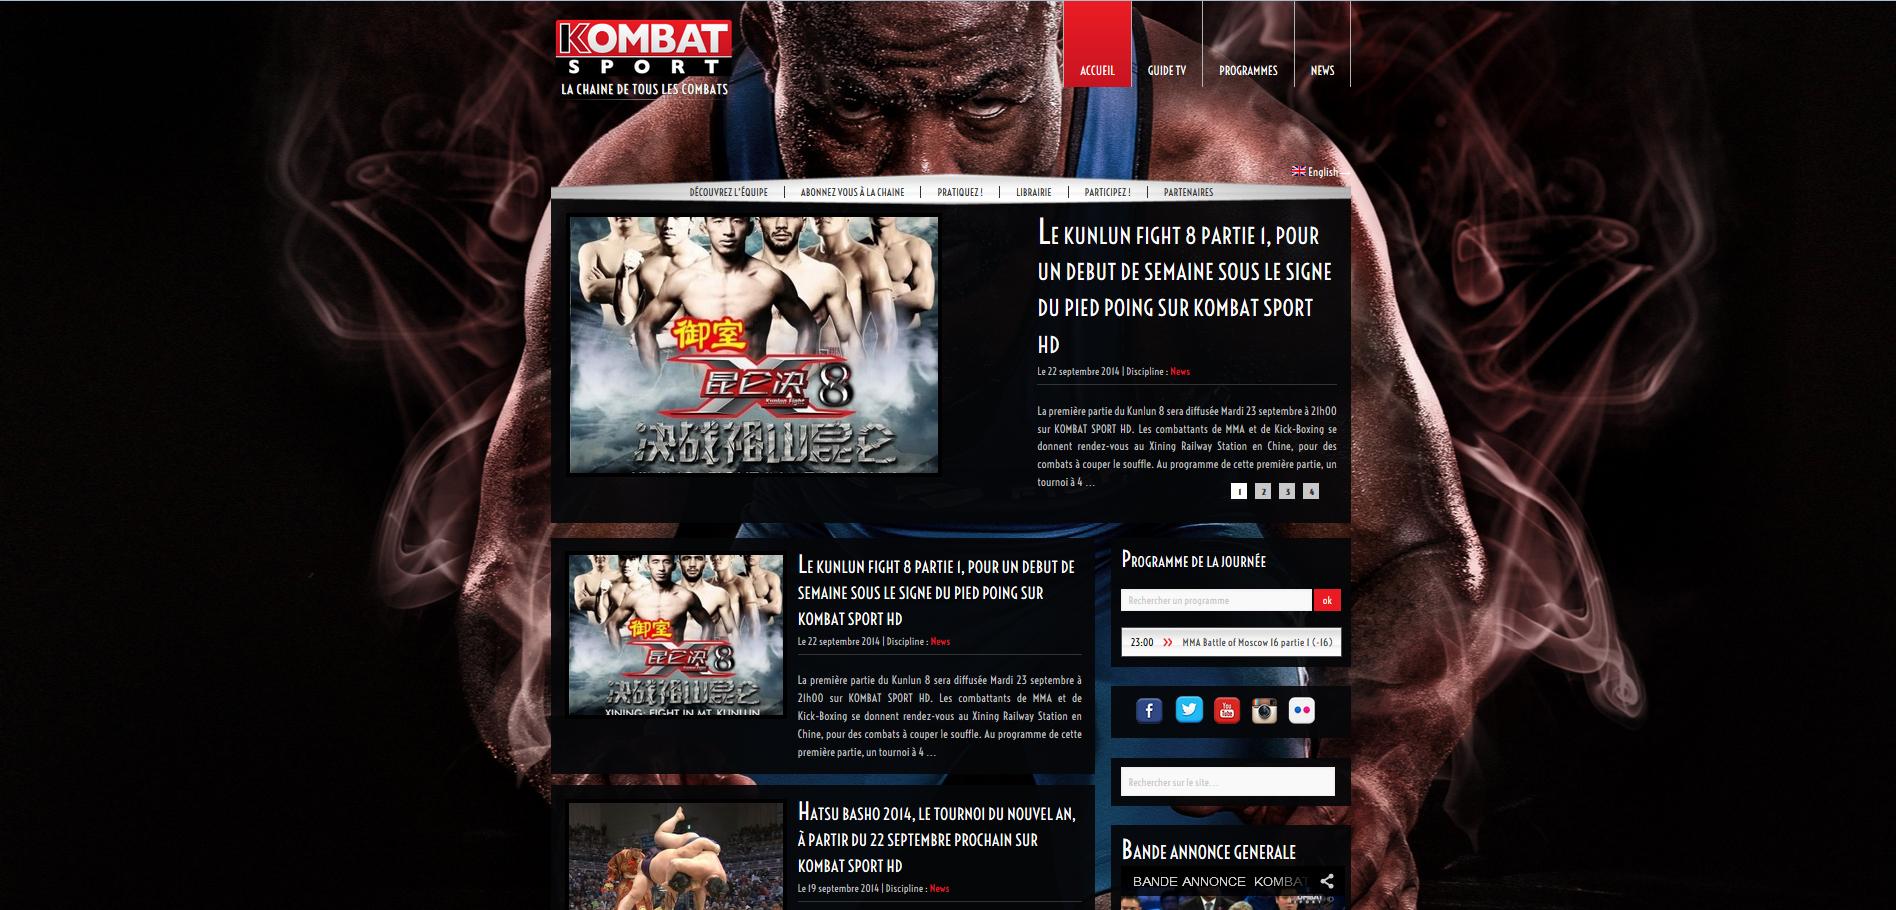 Kombat-Sport